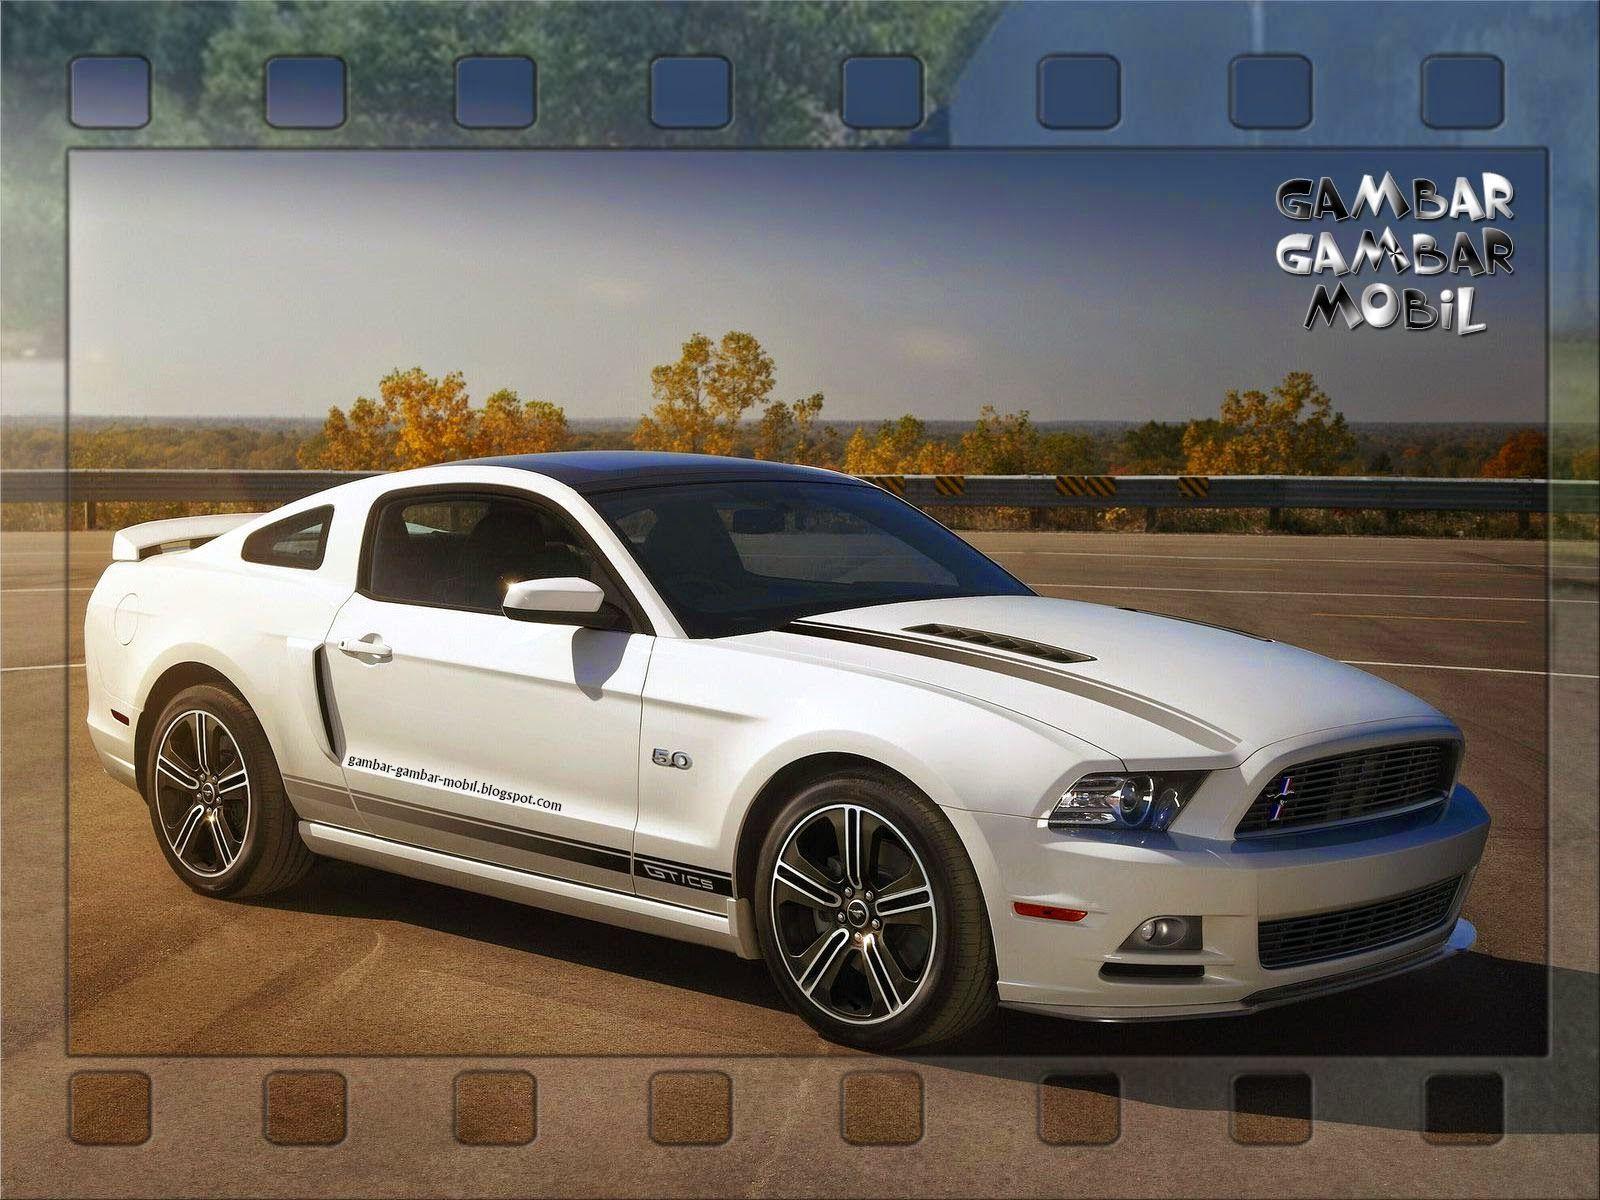 Gambar Mobil Mustang Mobil Mustang Ford Mustang Gt Mobil